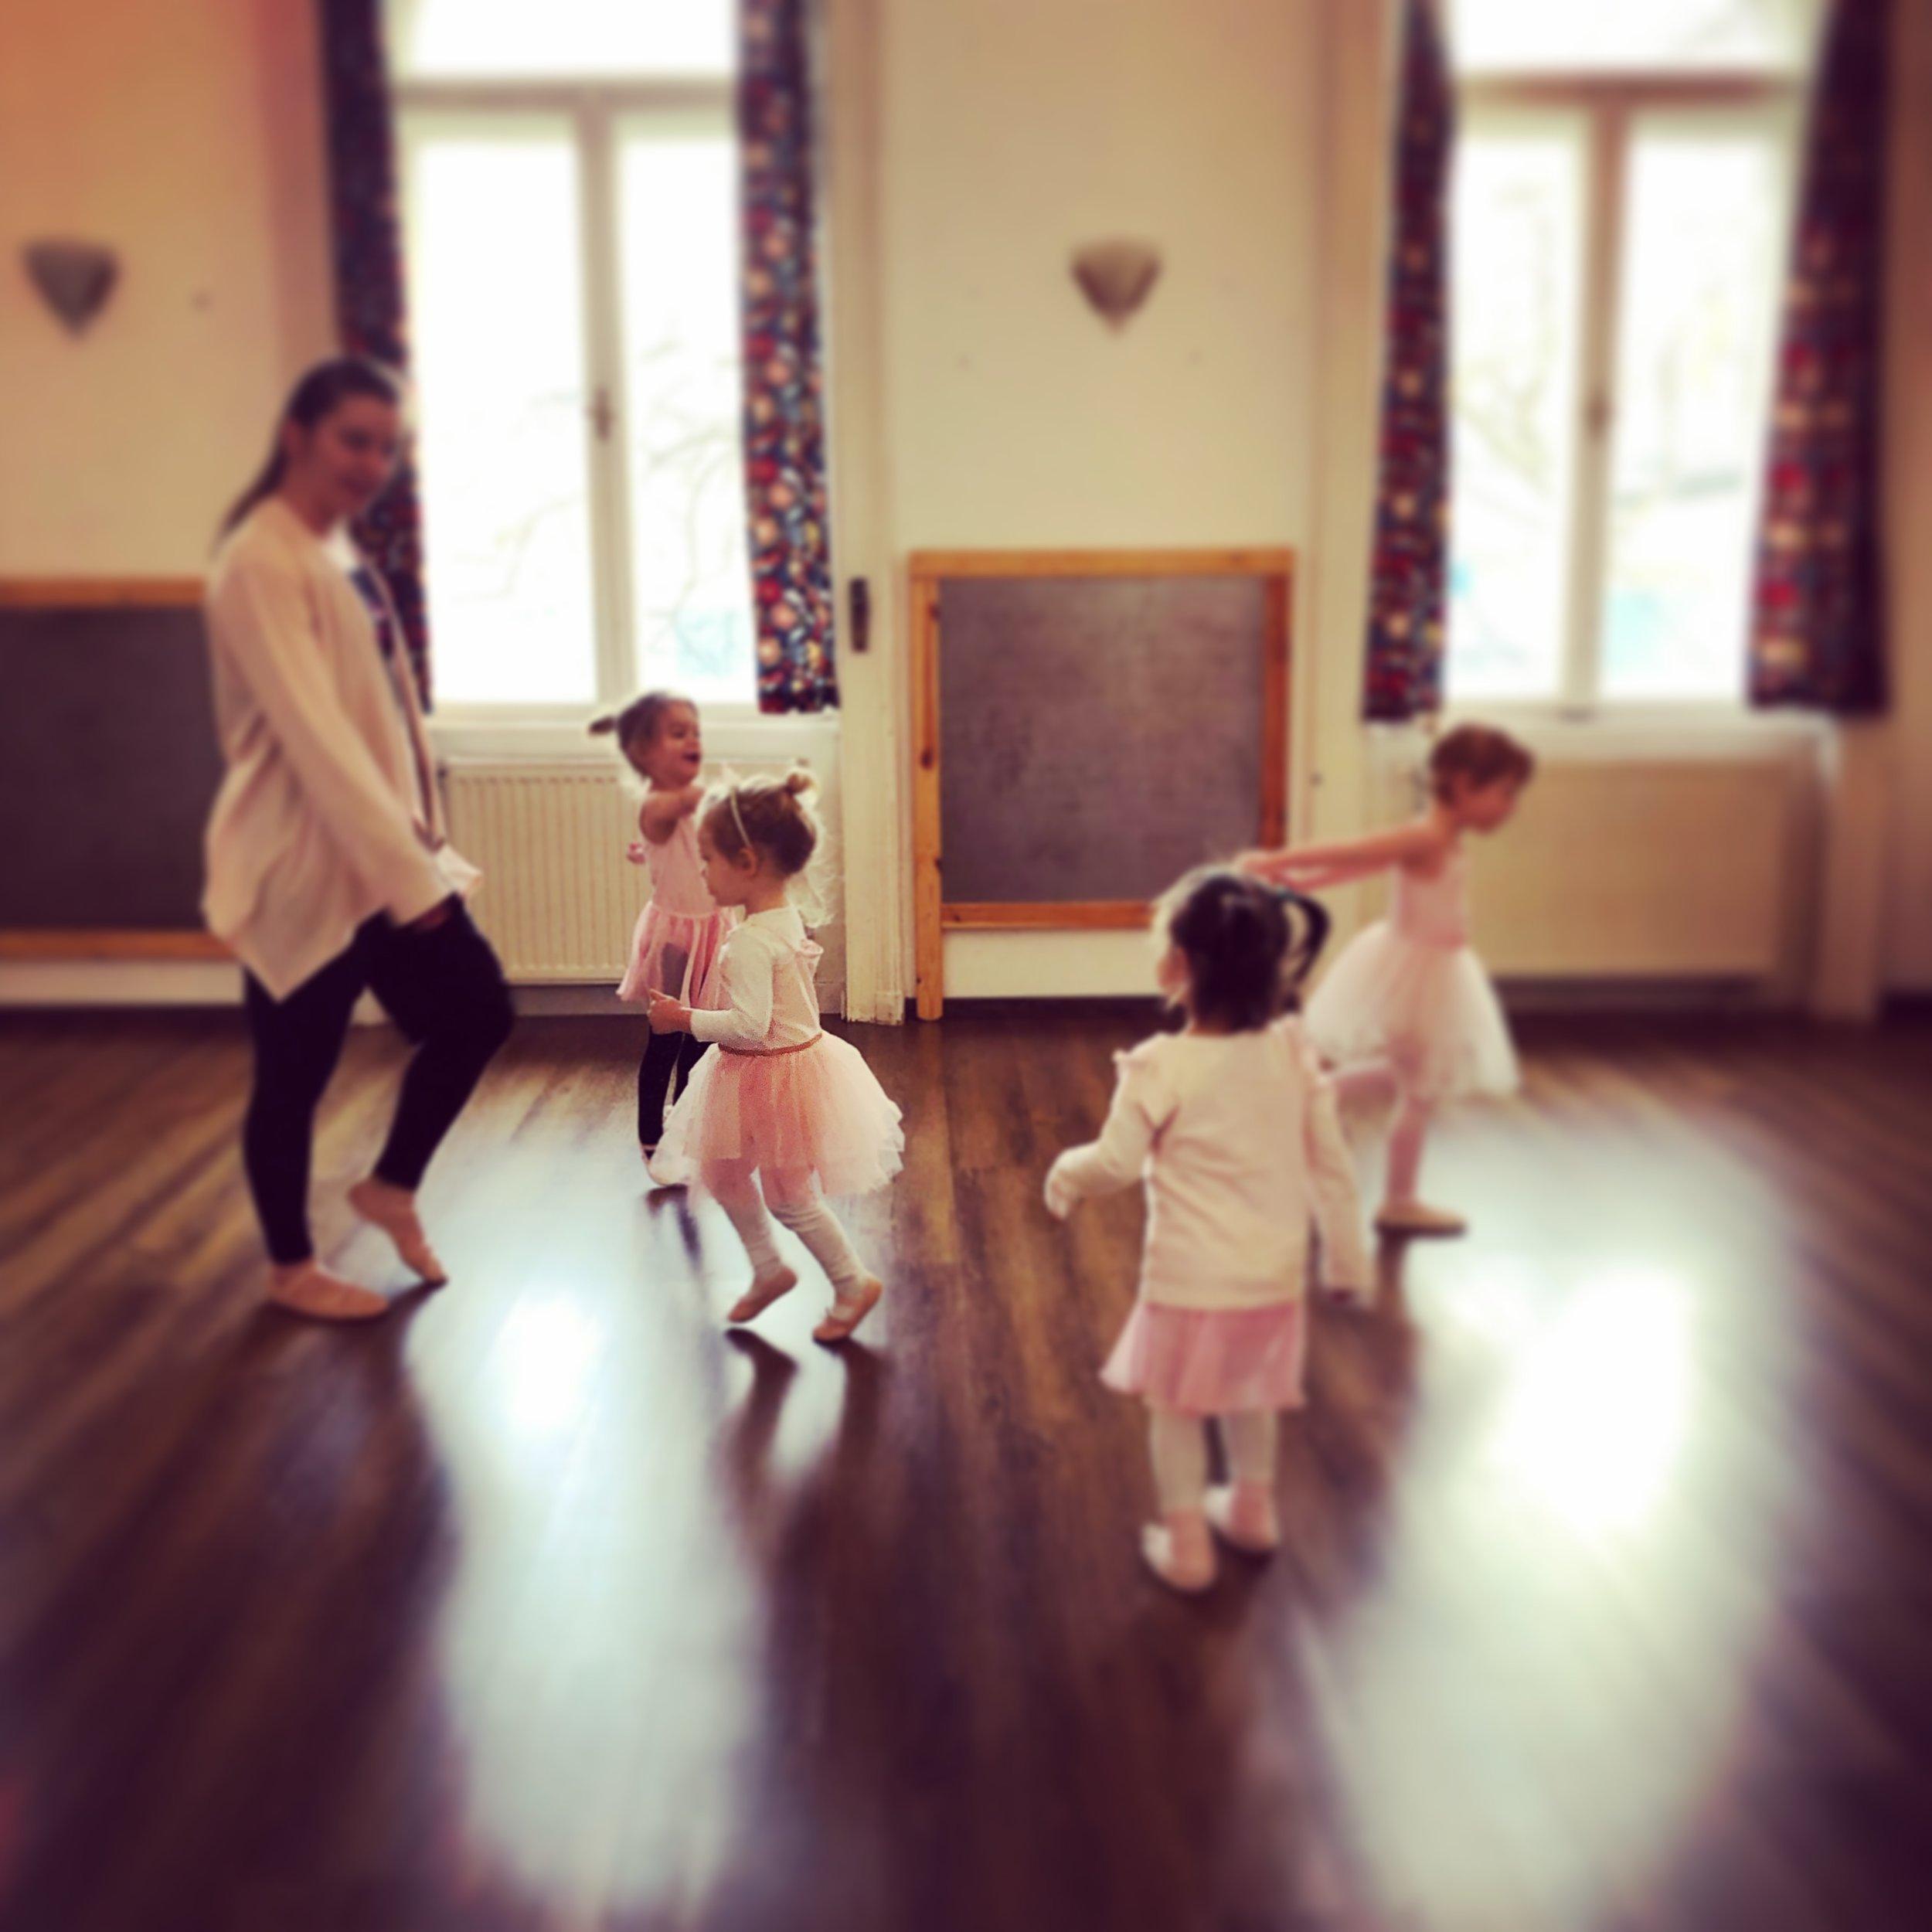 A bit of ballet makes it all better